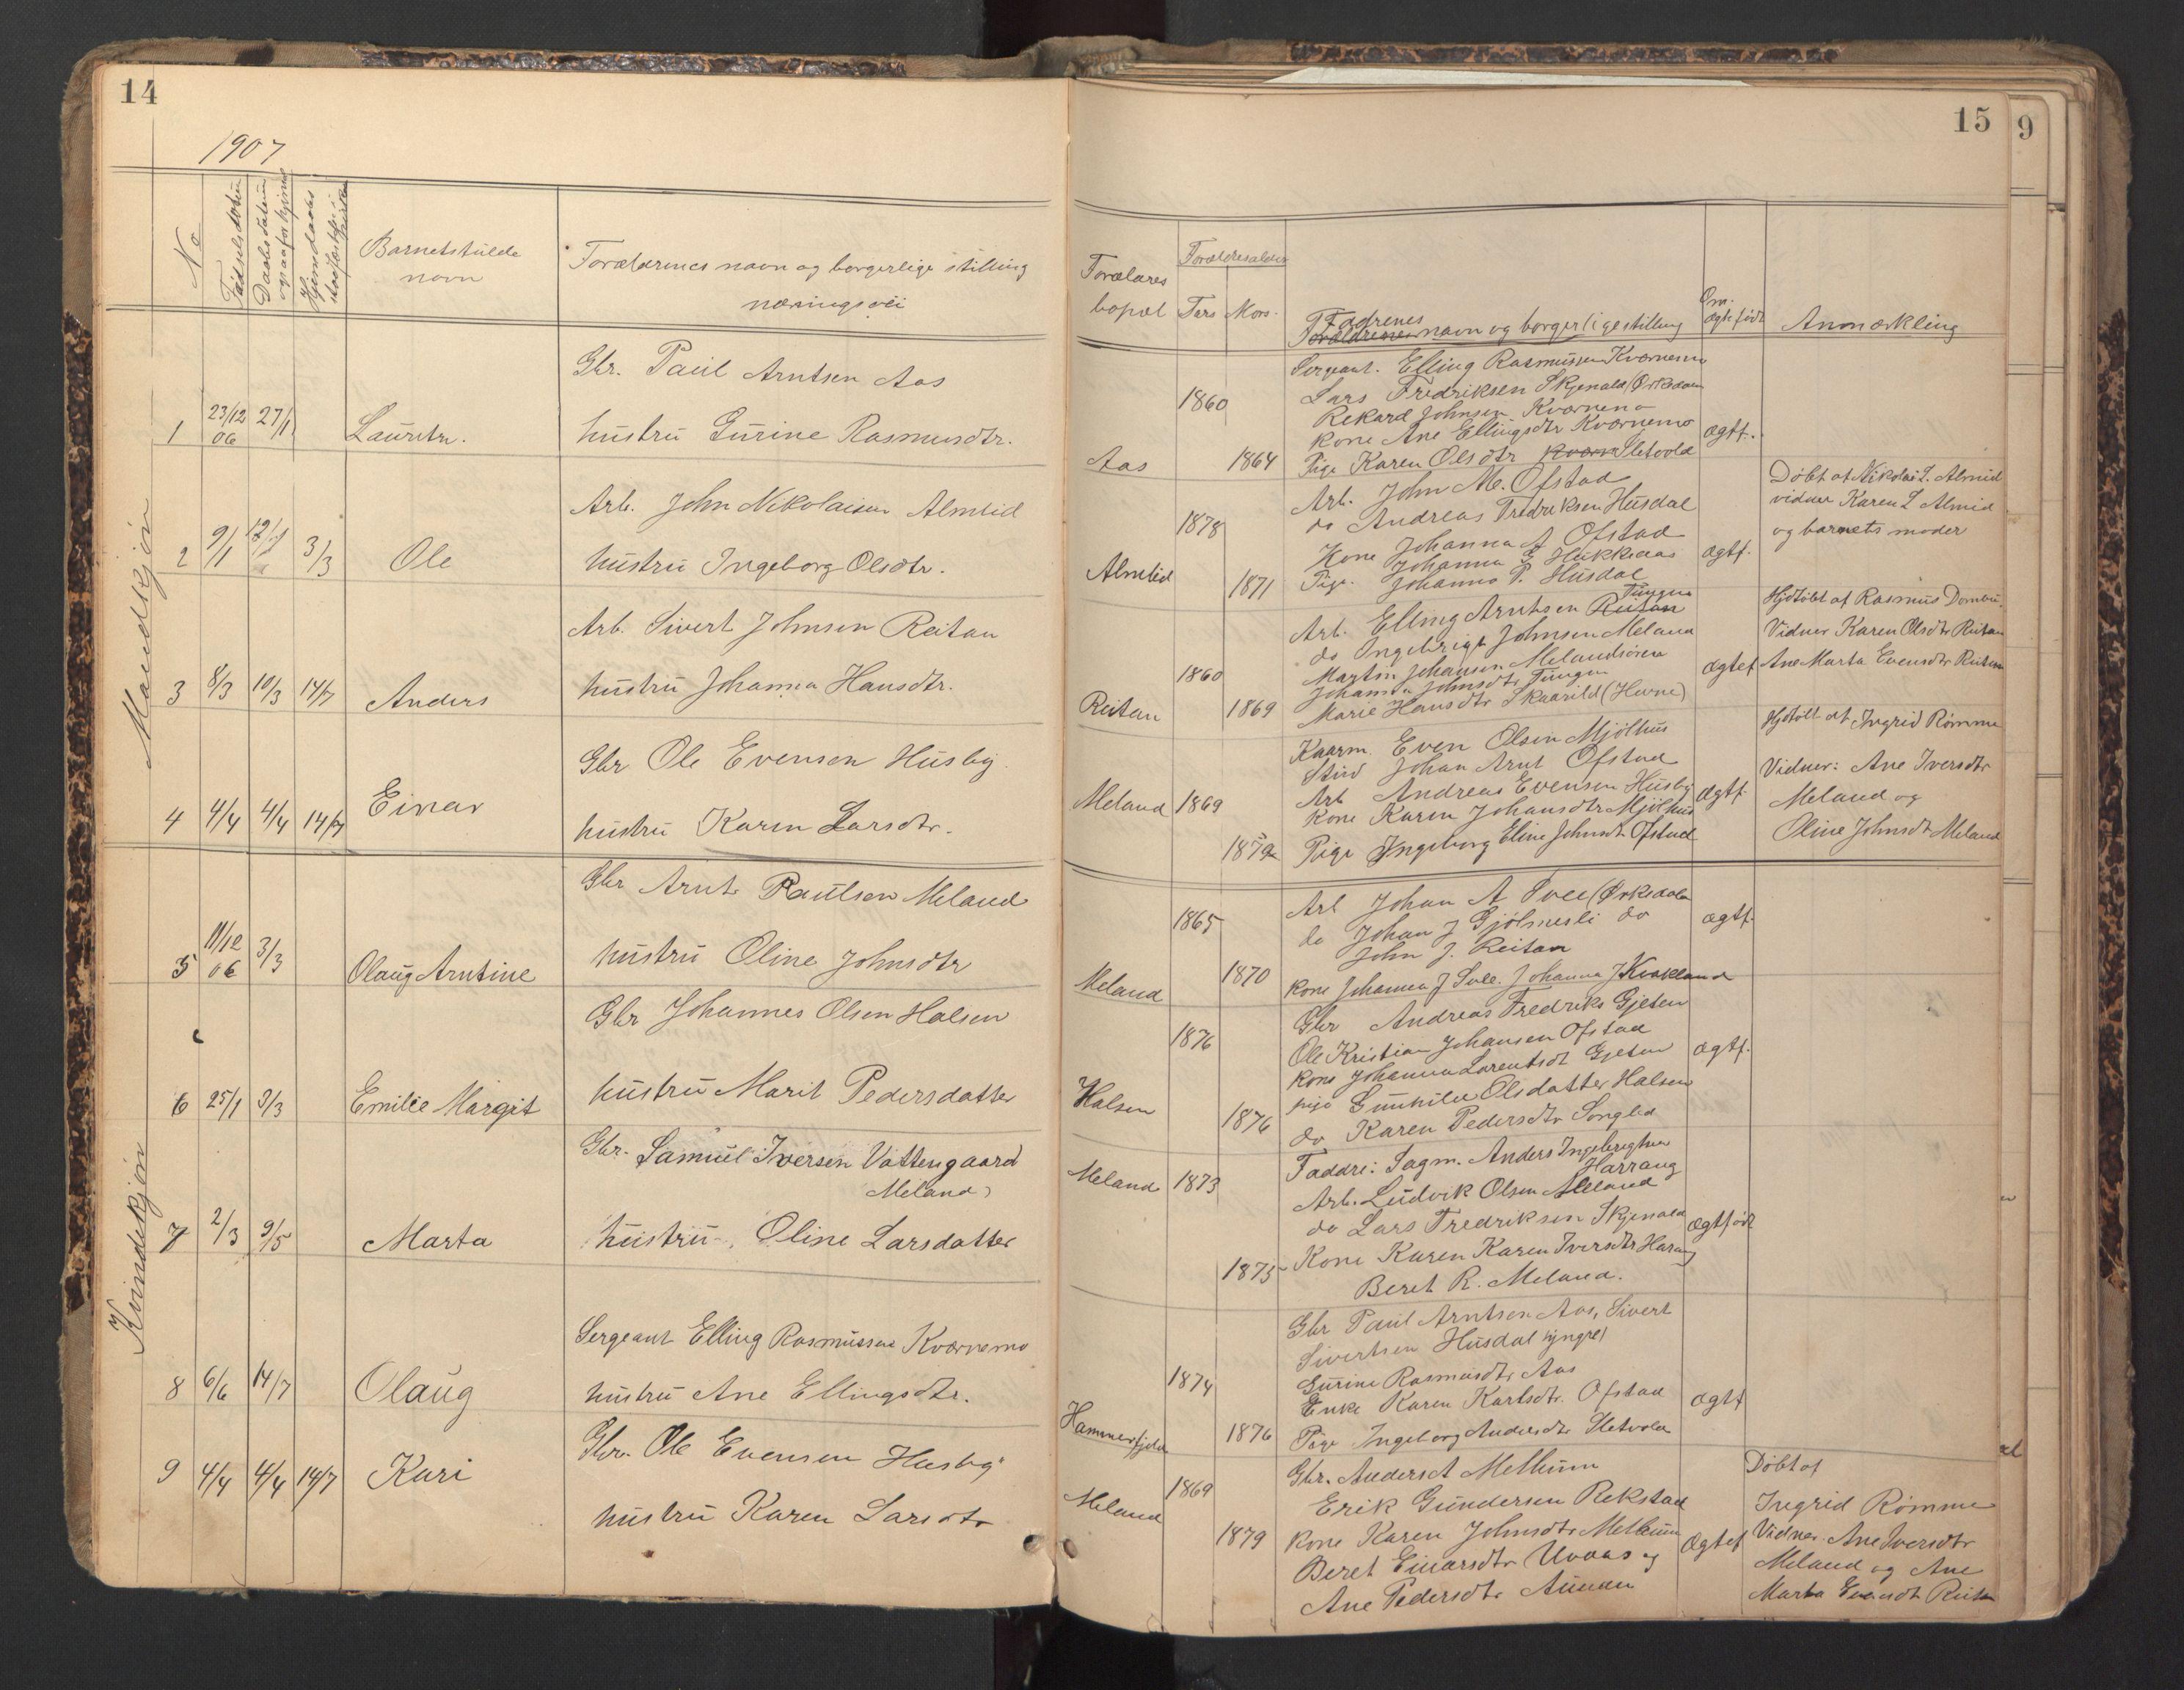 SAT, Ministerialprotokoller, klokkerbøker og fødselsregistre - Sør-Trøndelag, 670/L0837: Klokkerbok nr. 670C01, 1905-1946, s. 14-15